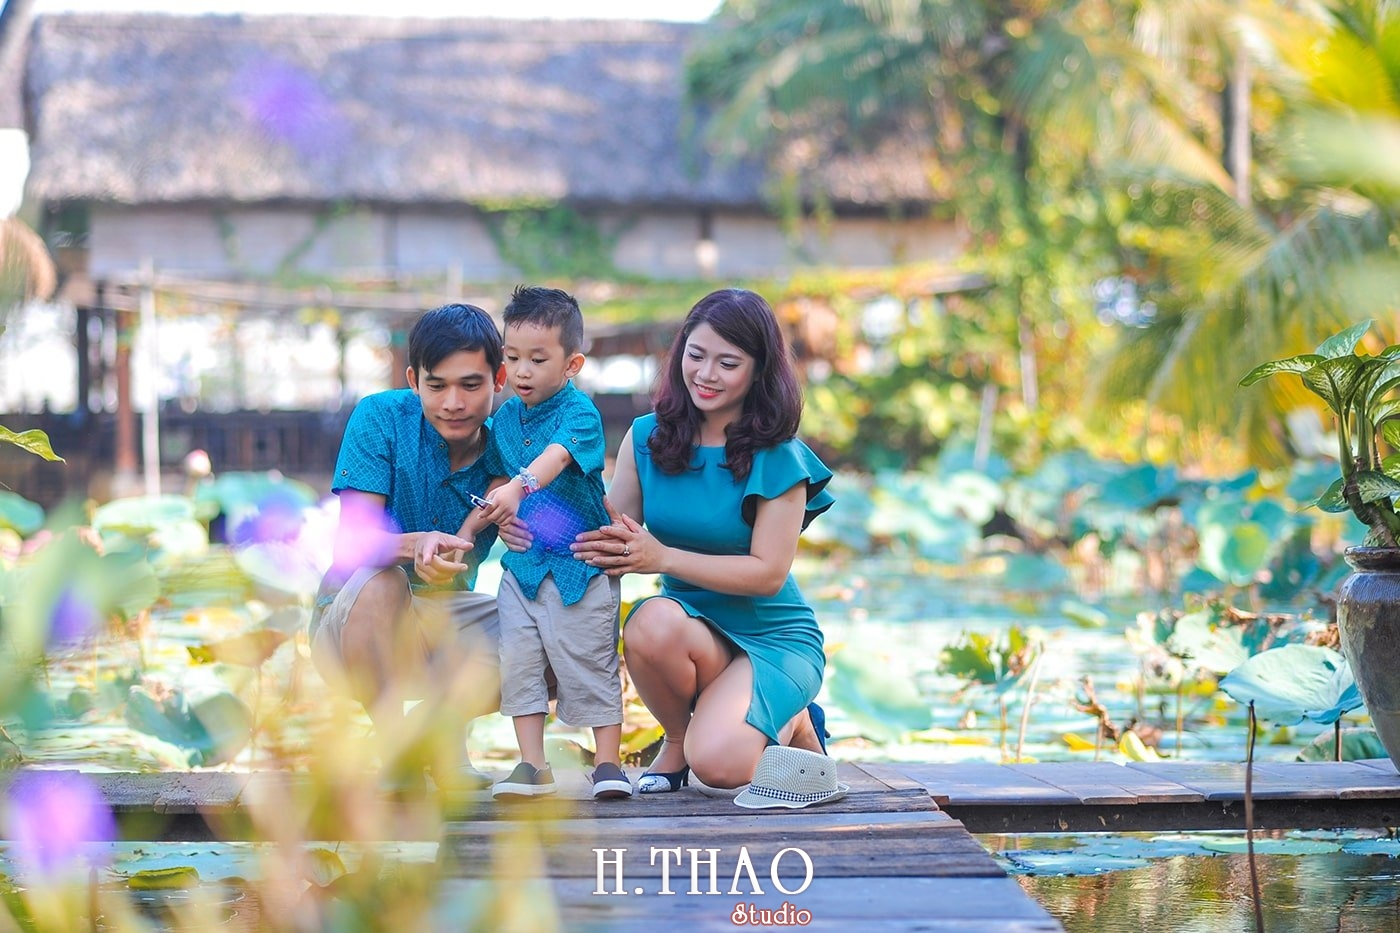 Anh gia dinh 3 nguoi 7 - Khu du lịch Bình Quới 3- Ảnh chụp gia đình anh chị Phương Thúy